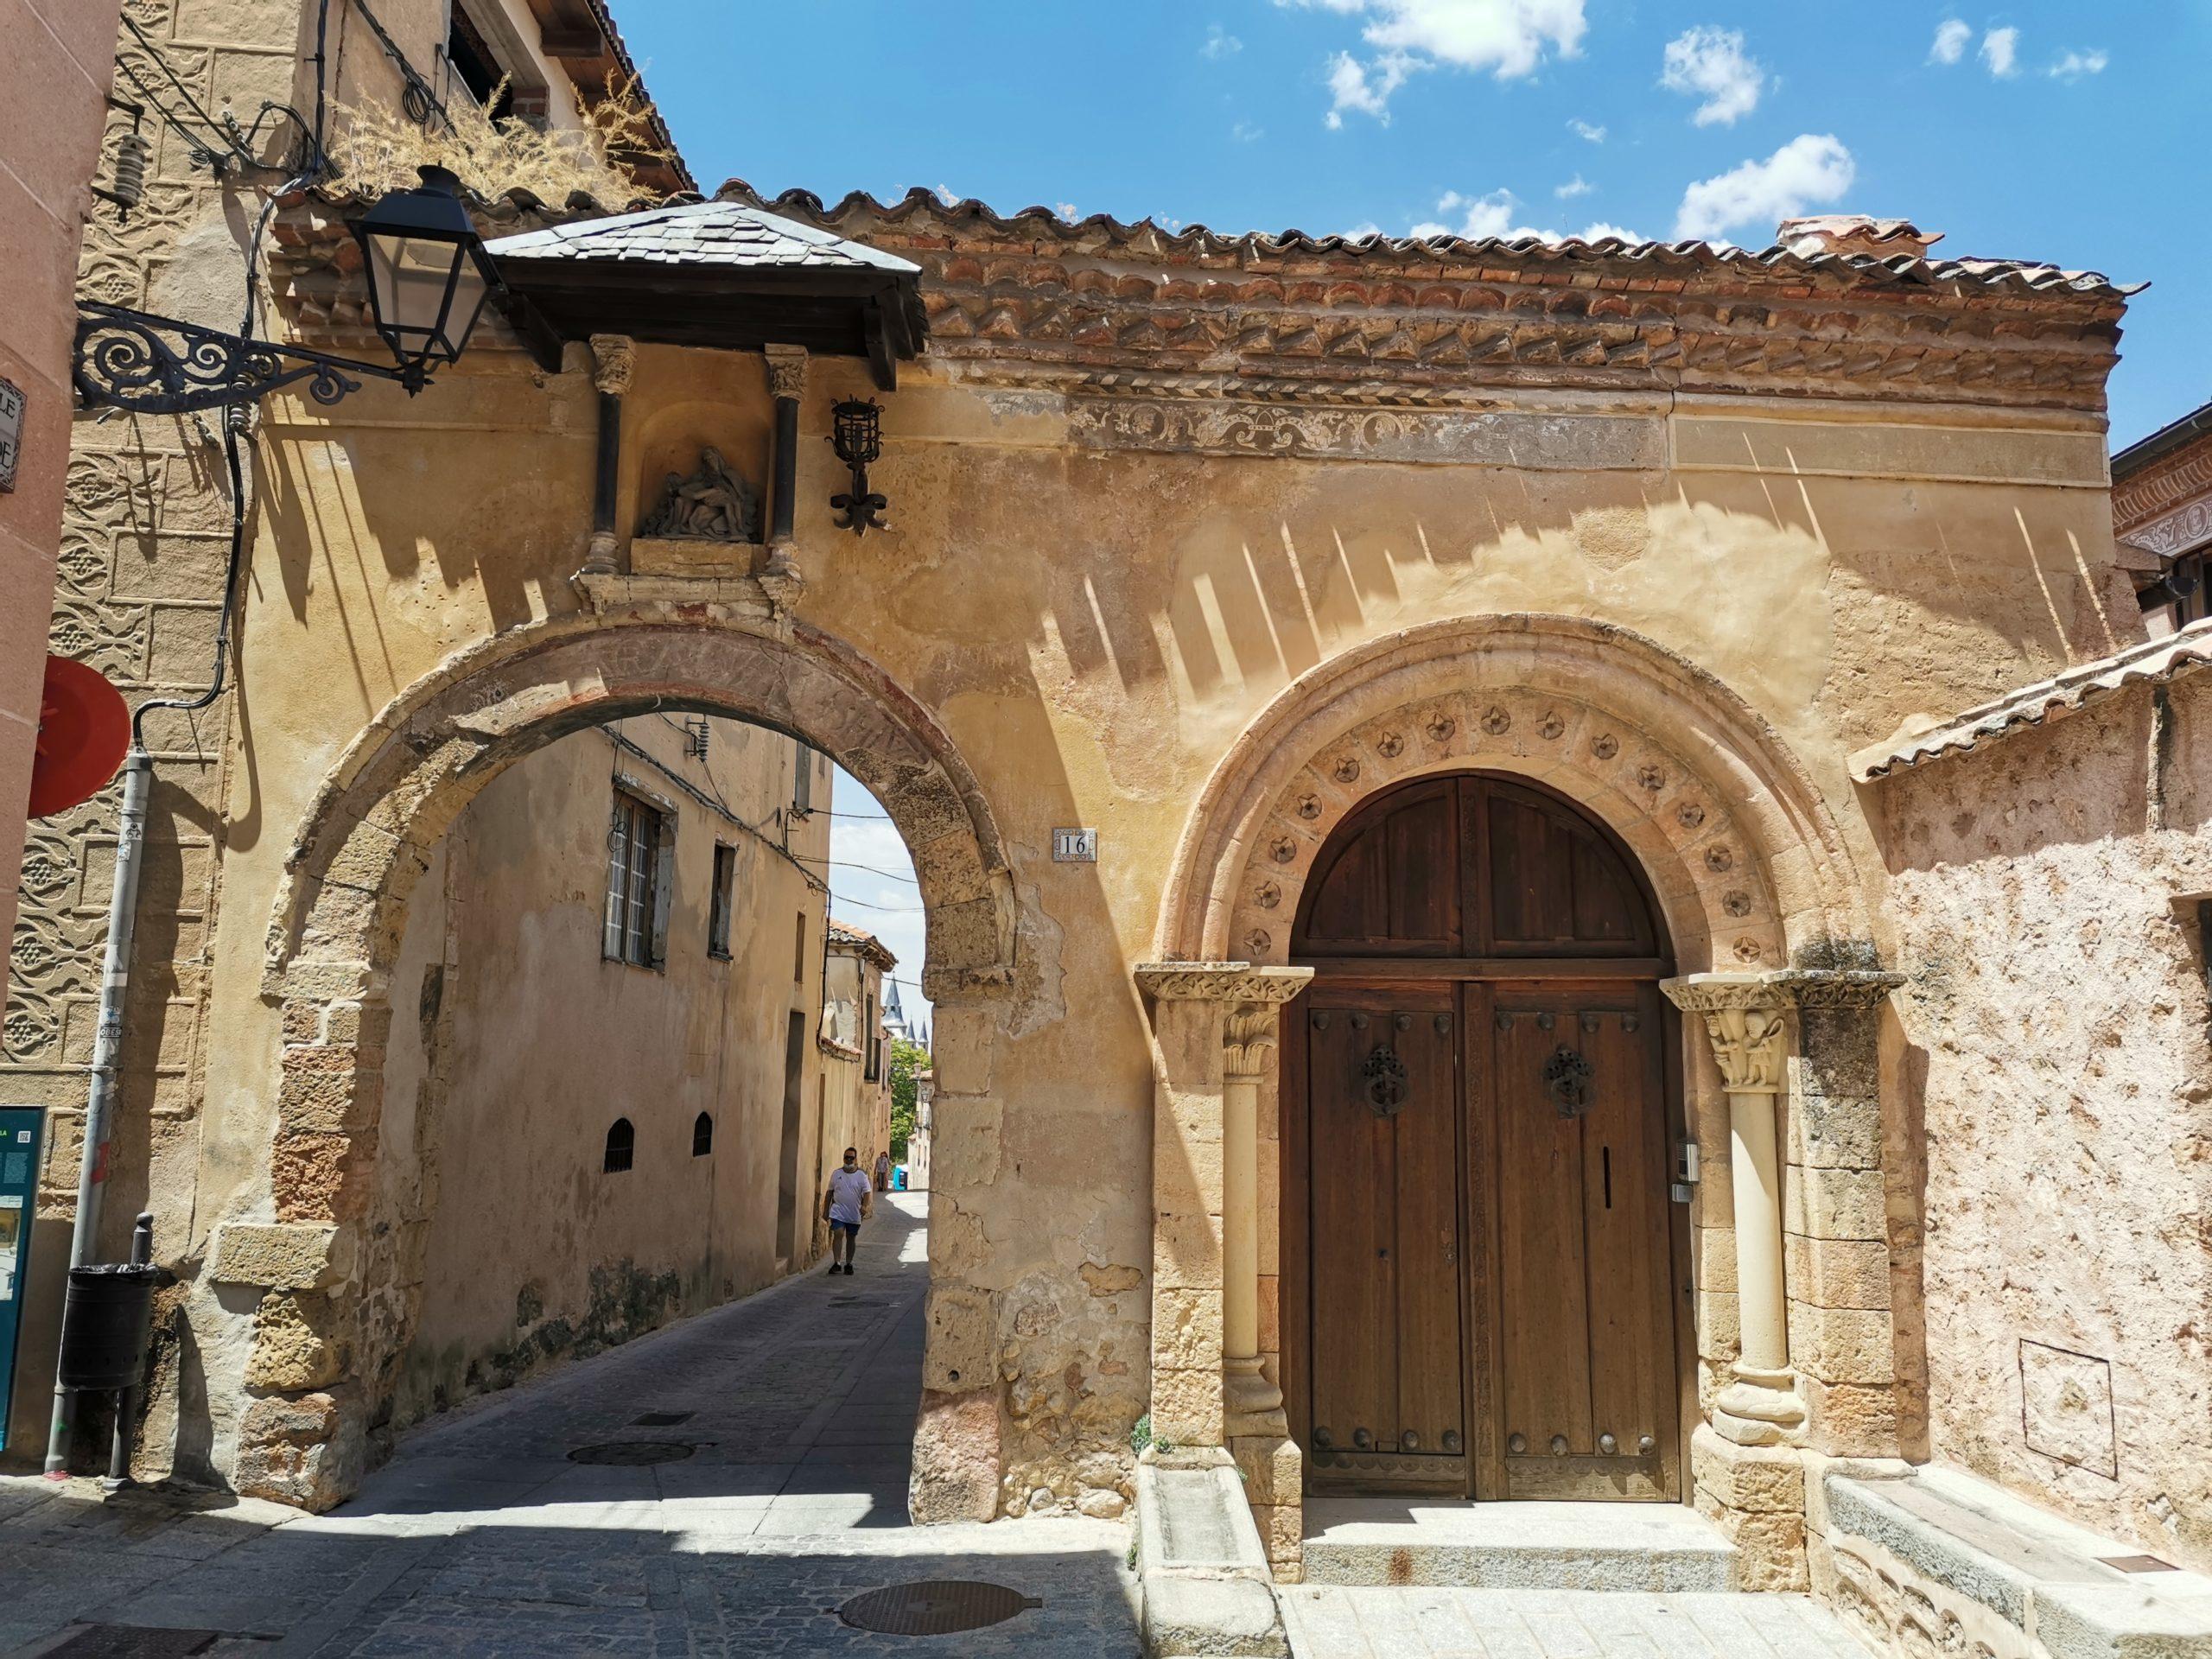 Puerta-de-Canonjías-Segovia